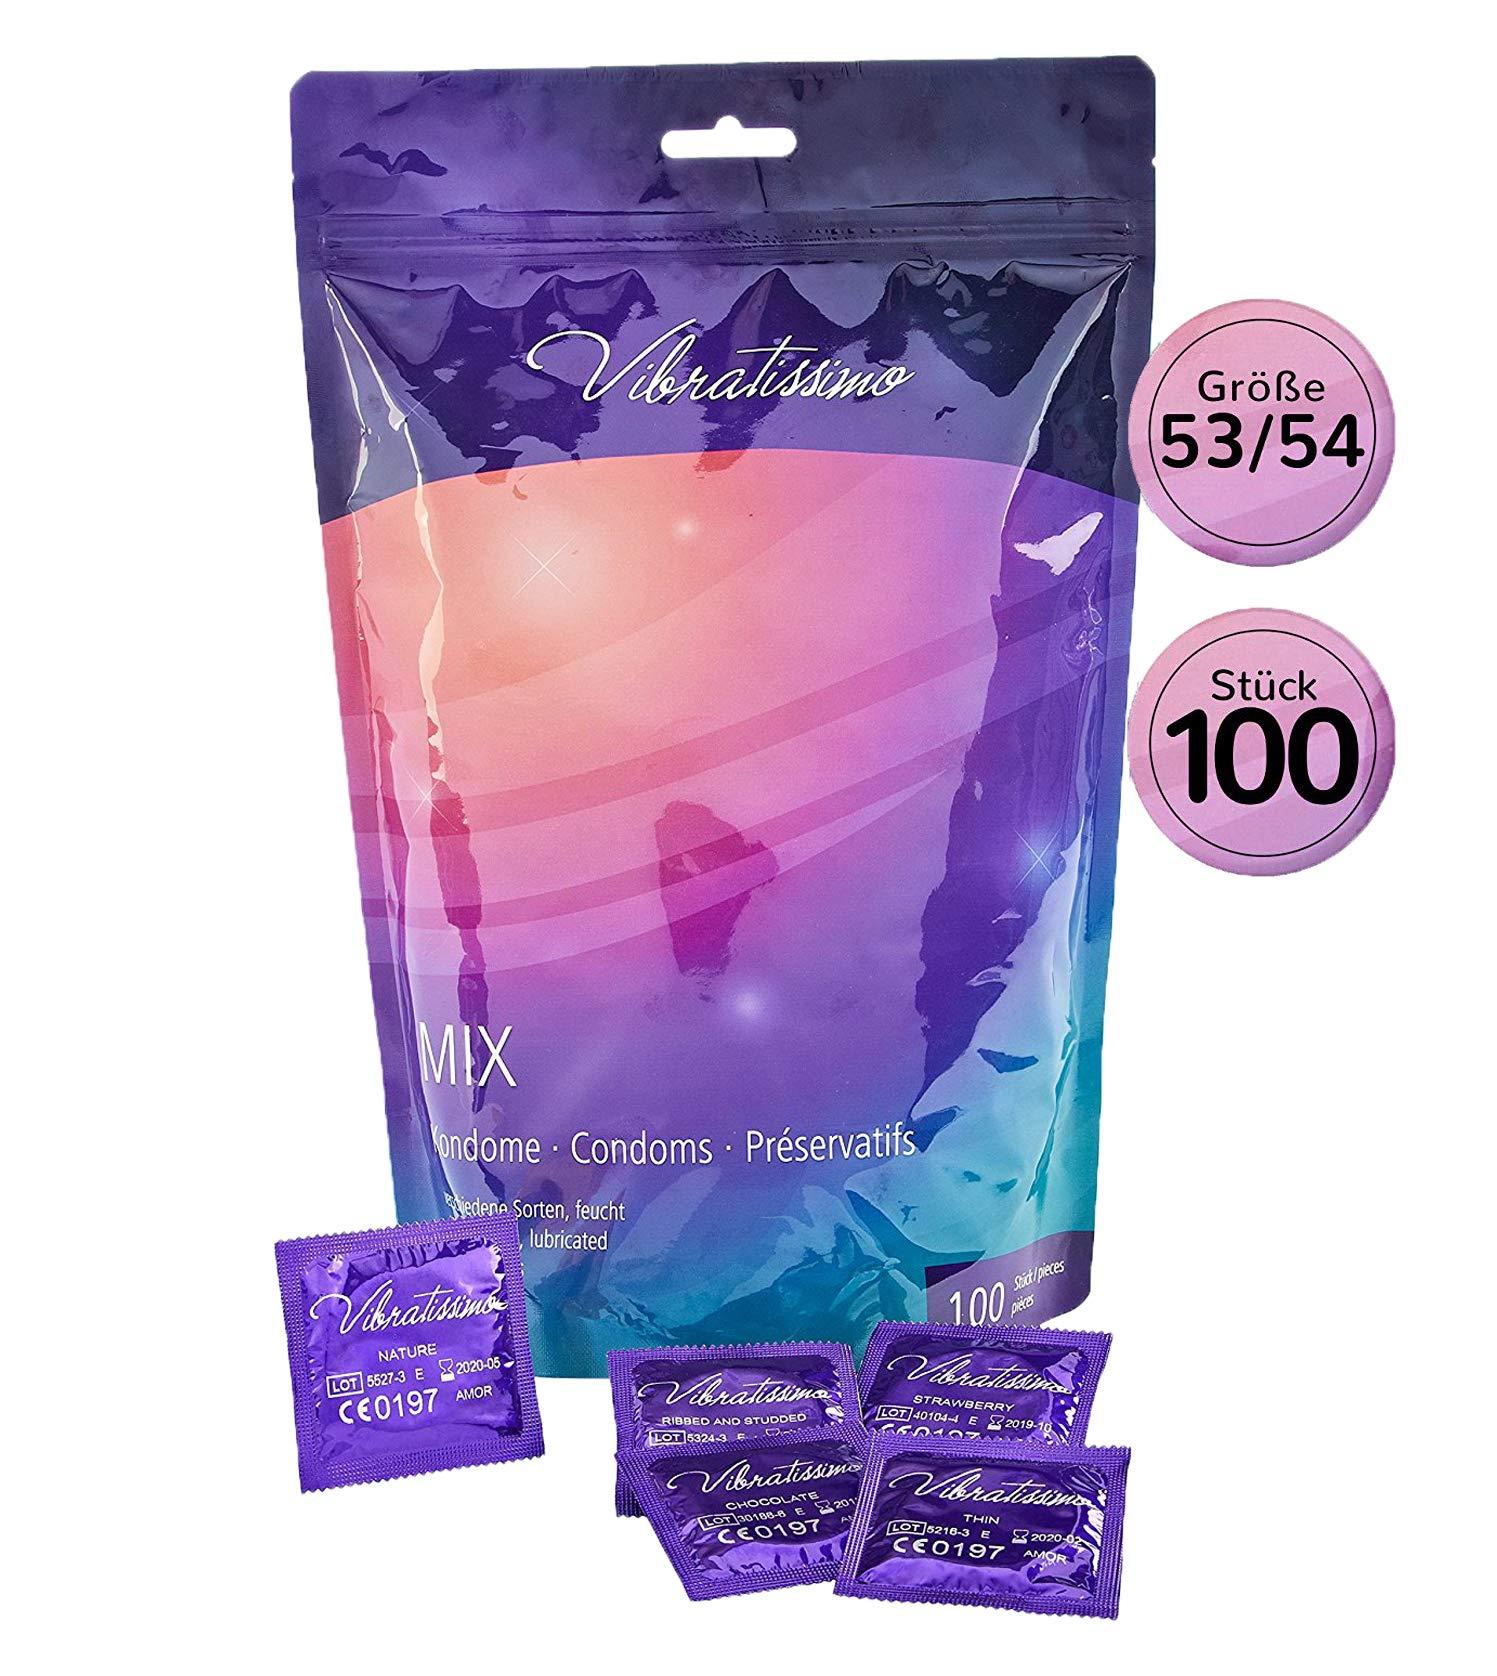 Paquet-de-100-prservatifs-VIBRATISSIMO–Mix–extra-lubrifis-pour-des-sensations-pures-et-naturelles